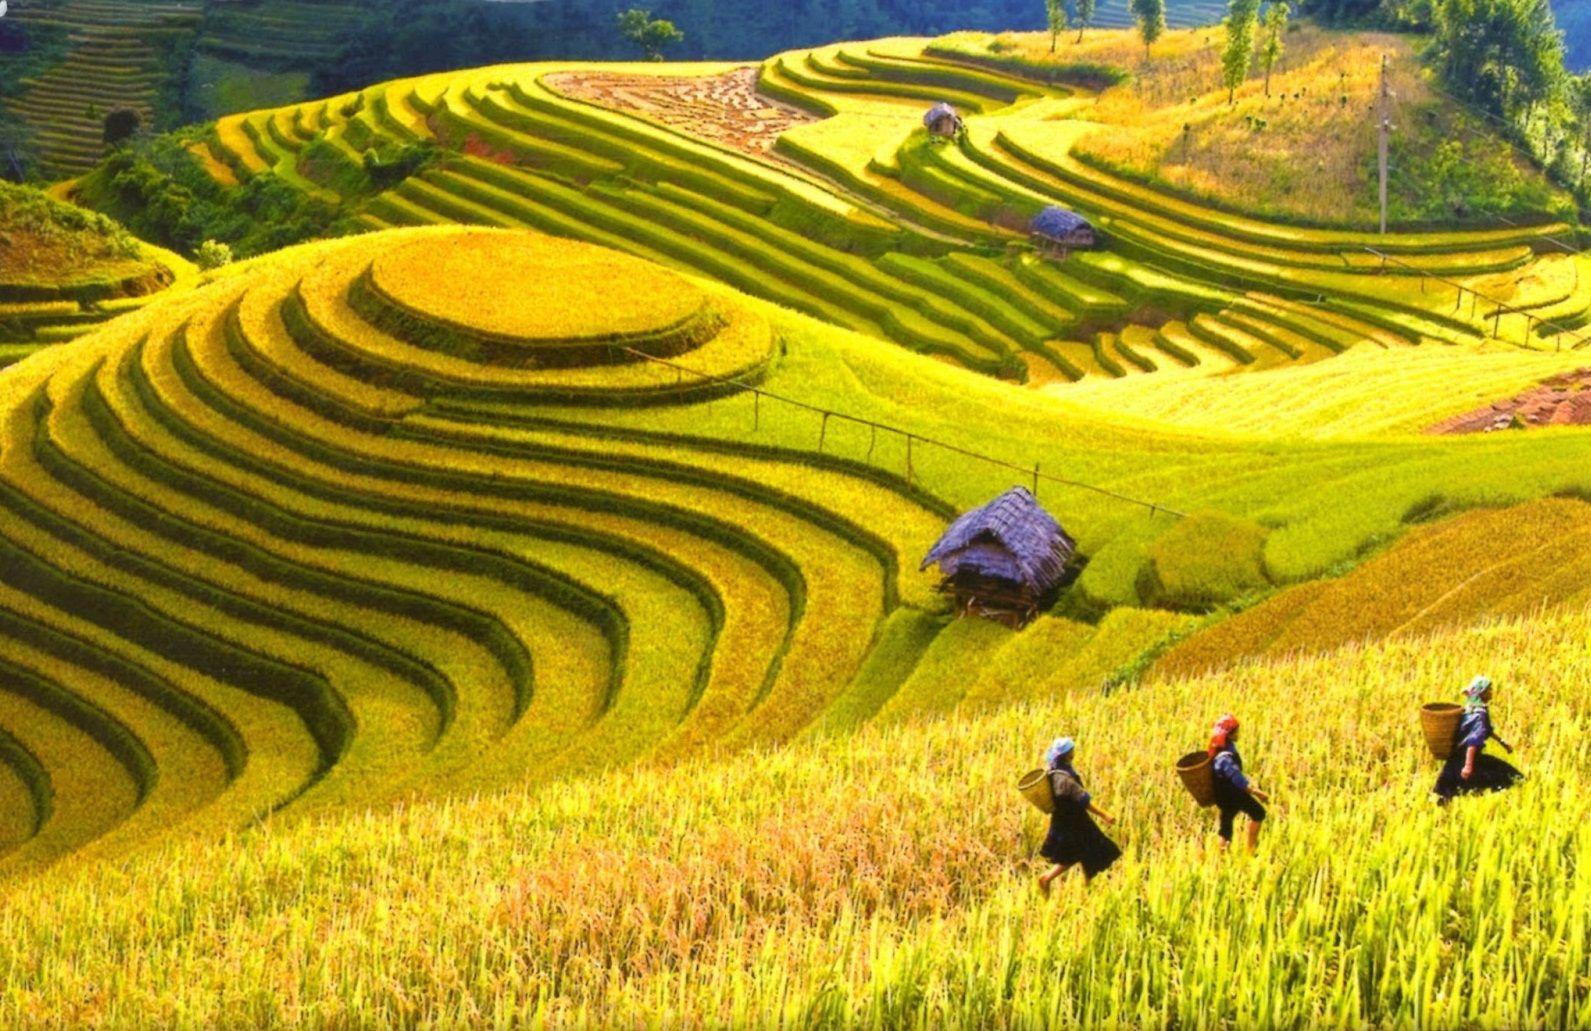 Ruộng bậc thang – Sáng tạo vĩ đại của các dân tộc vùng cao Hà Giang